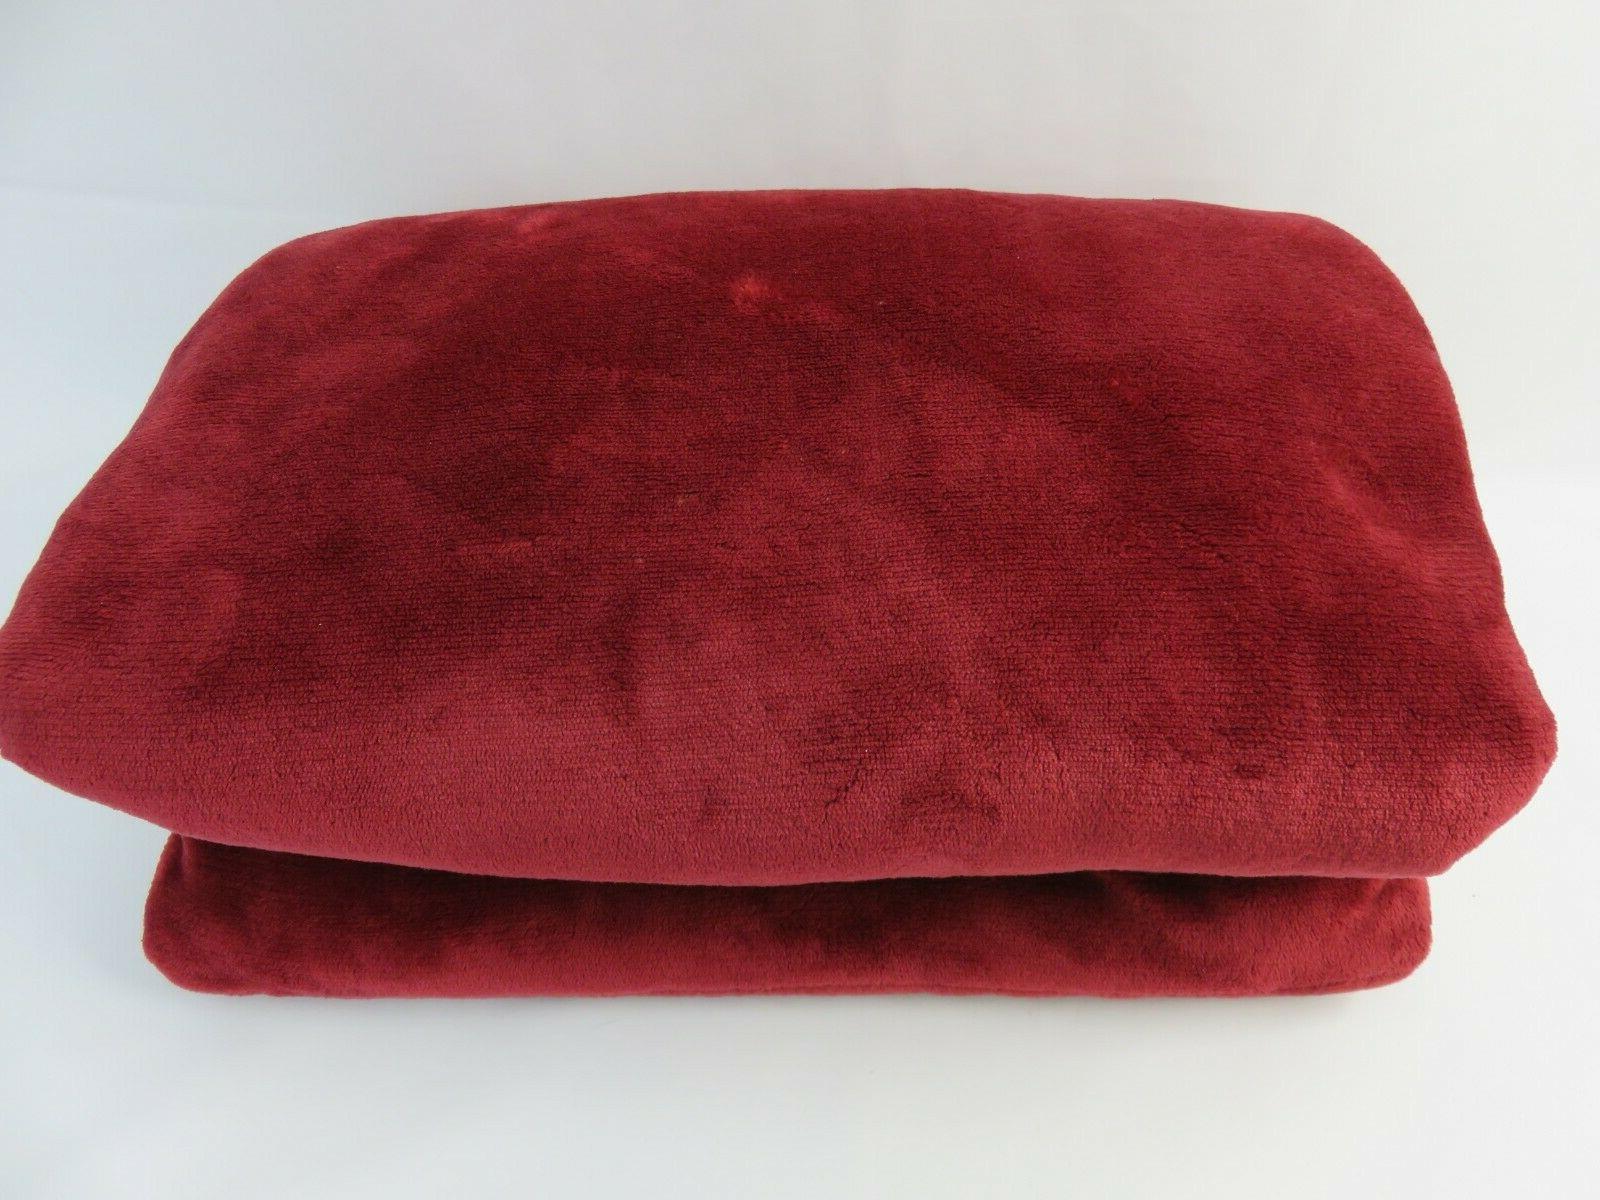 BEDSURE 65in x 50in Plush Blanket Soft